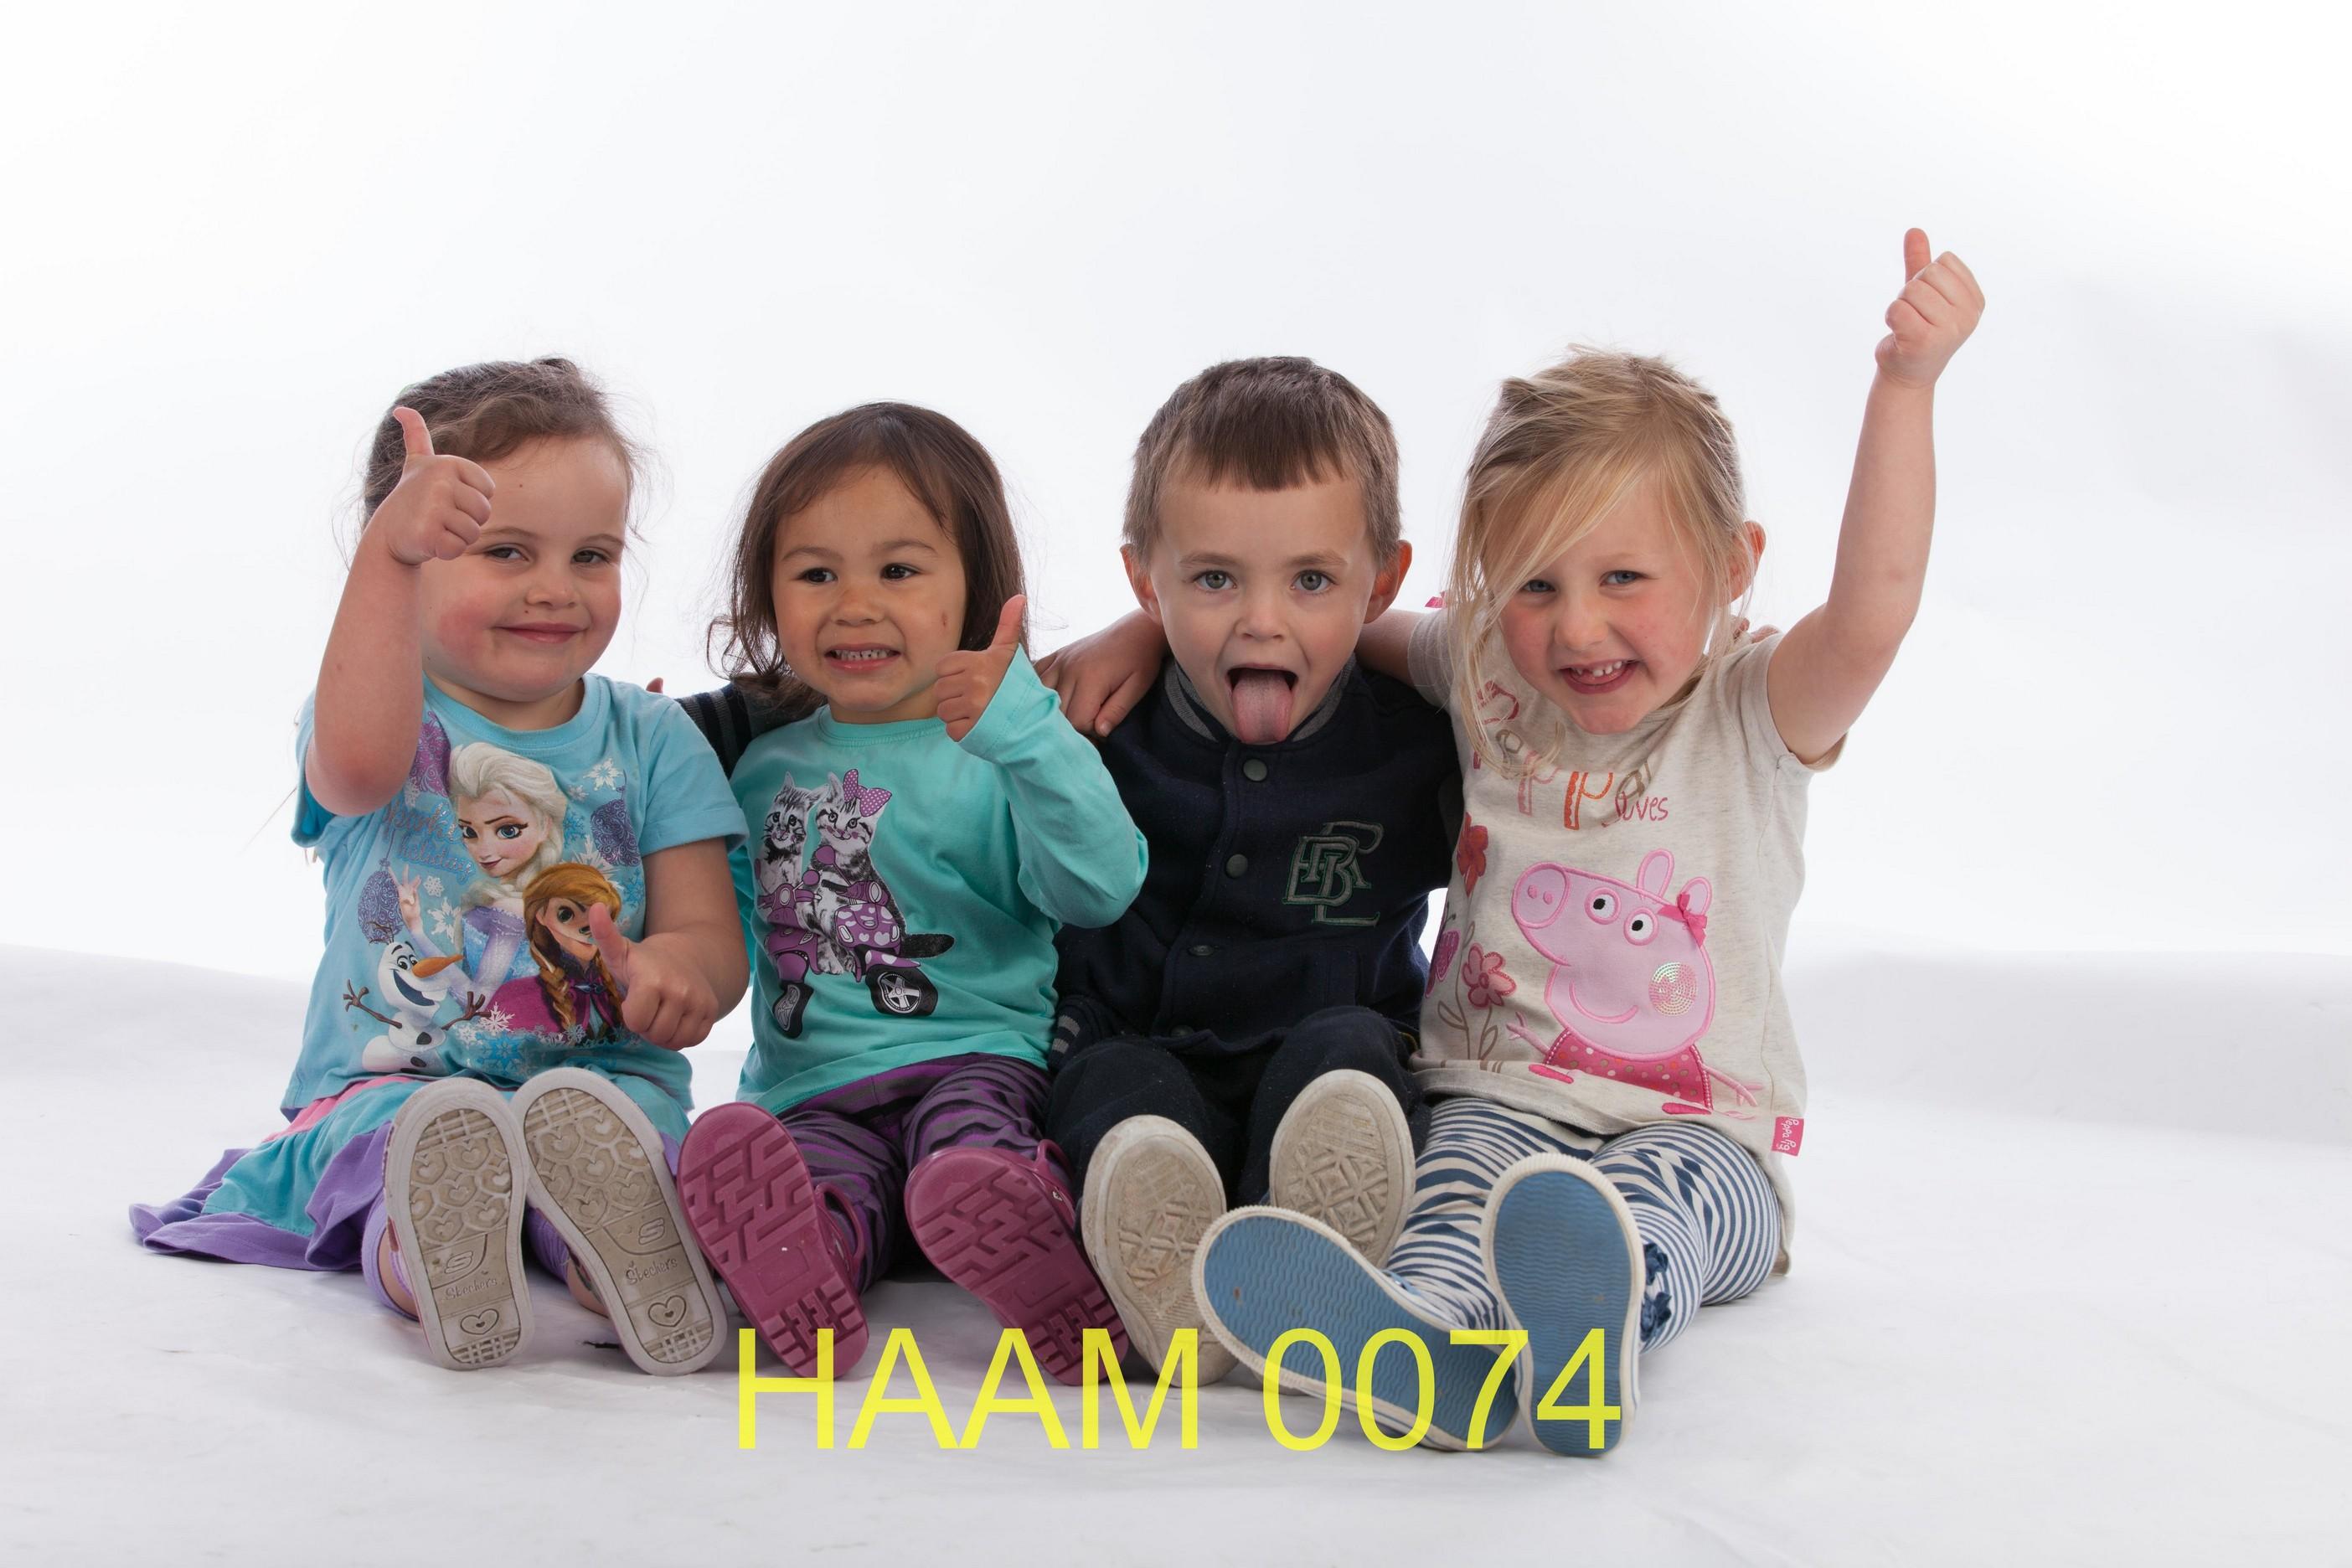 HAAM 0074